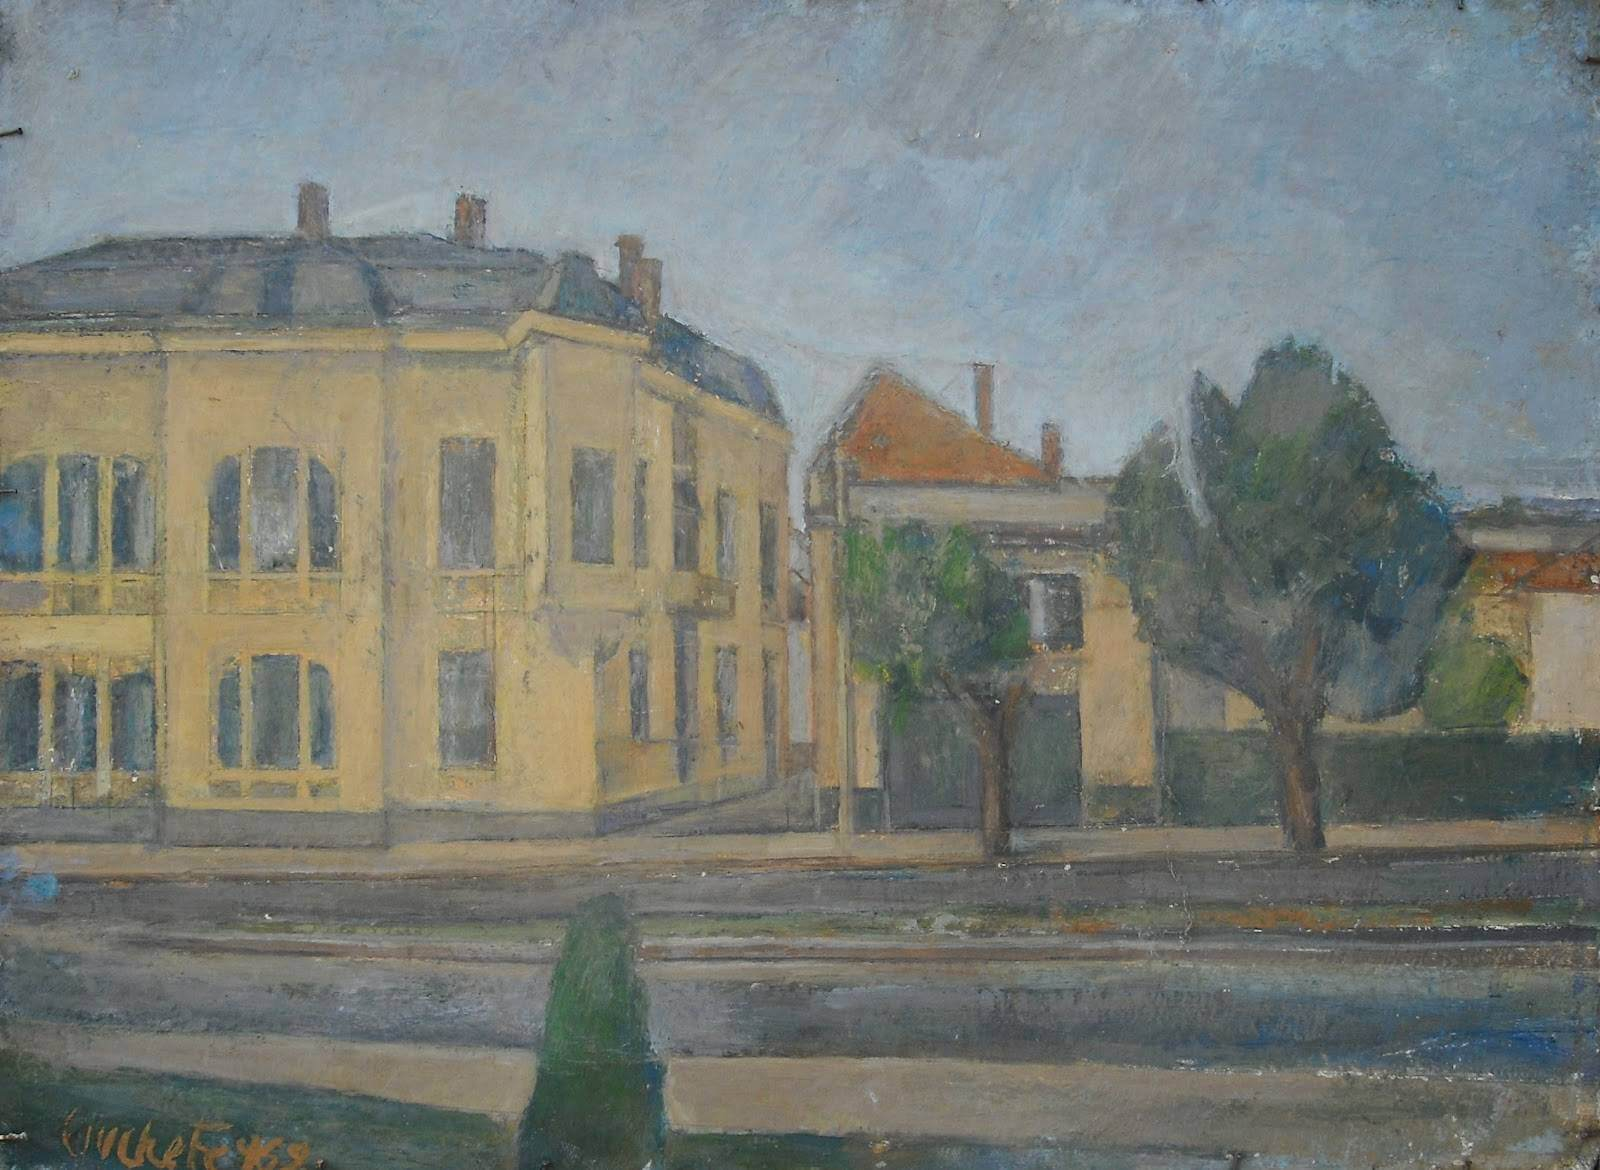 Peisajul urban,Gheorghe Ciuchete la Galeria de Artă a Craiovei